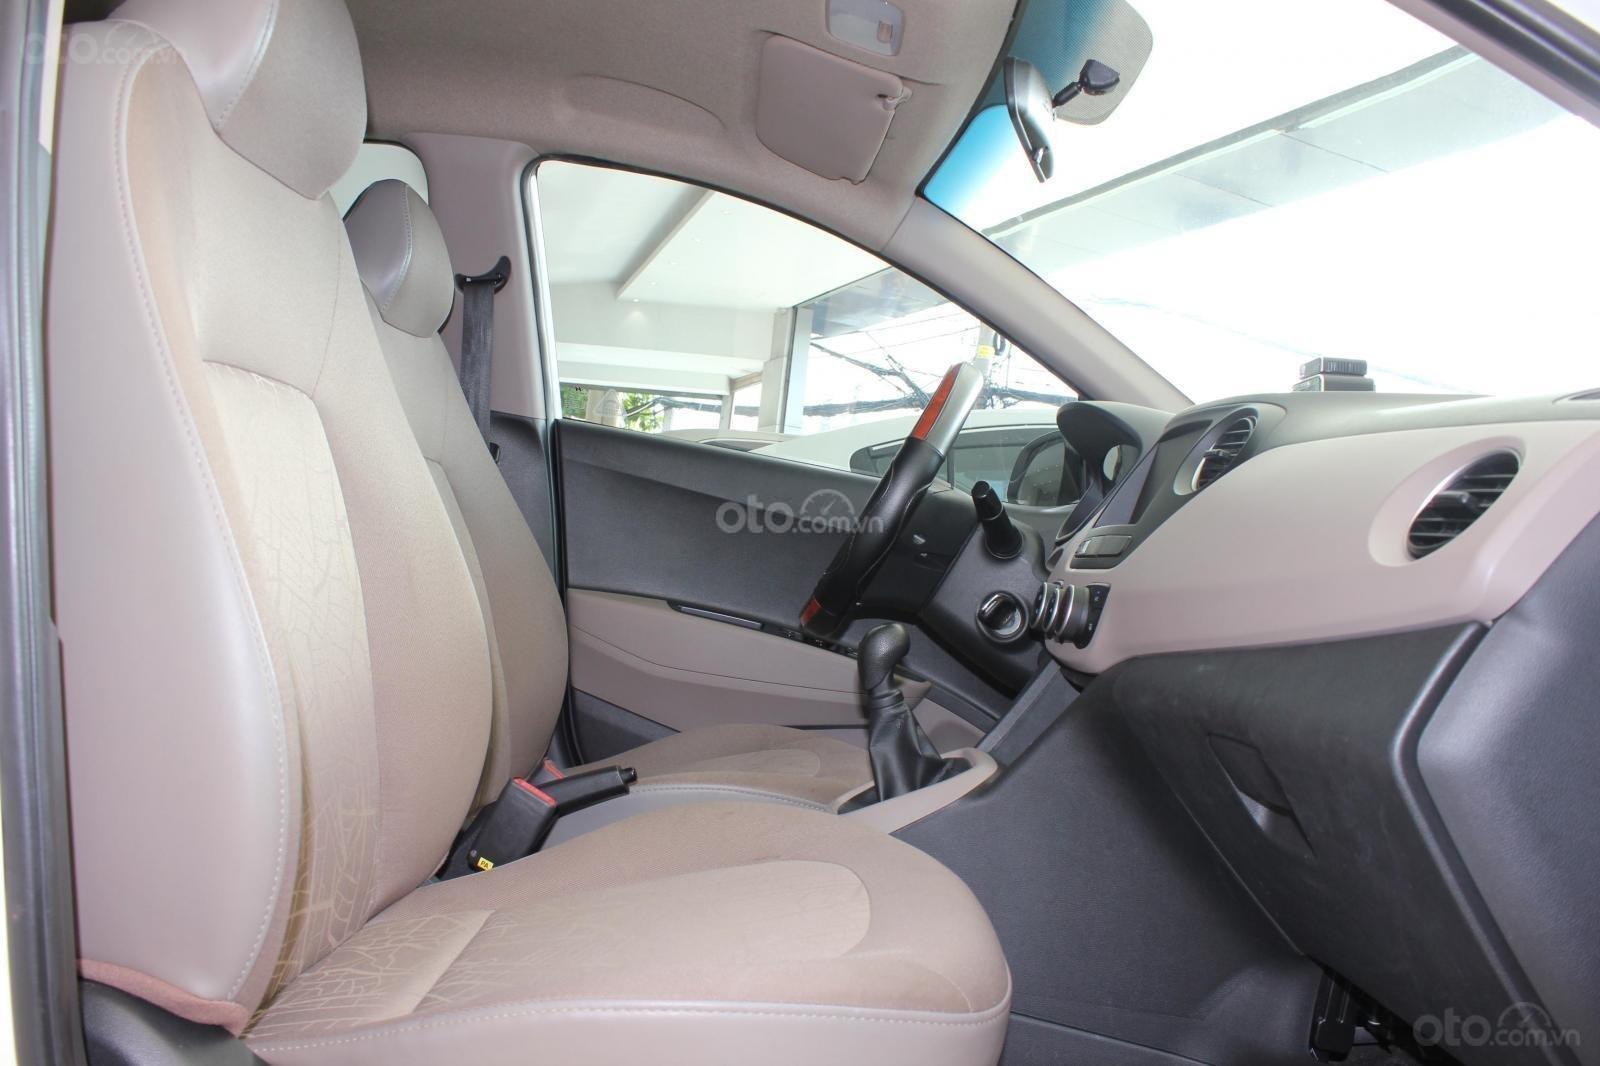 Bán xe Hyundai Grand i10 đời 2018, màu trắng, 335 triệu (7)